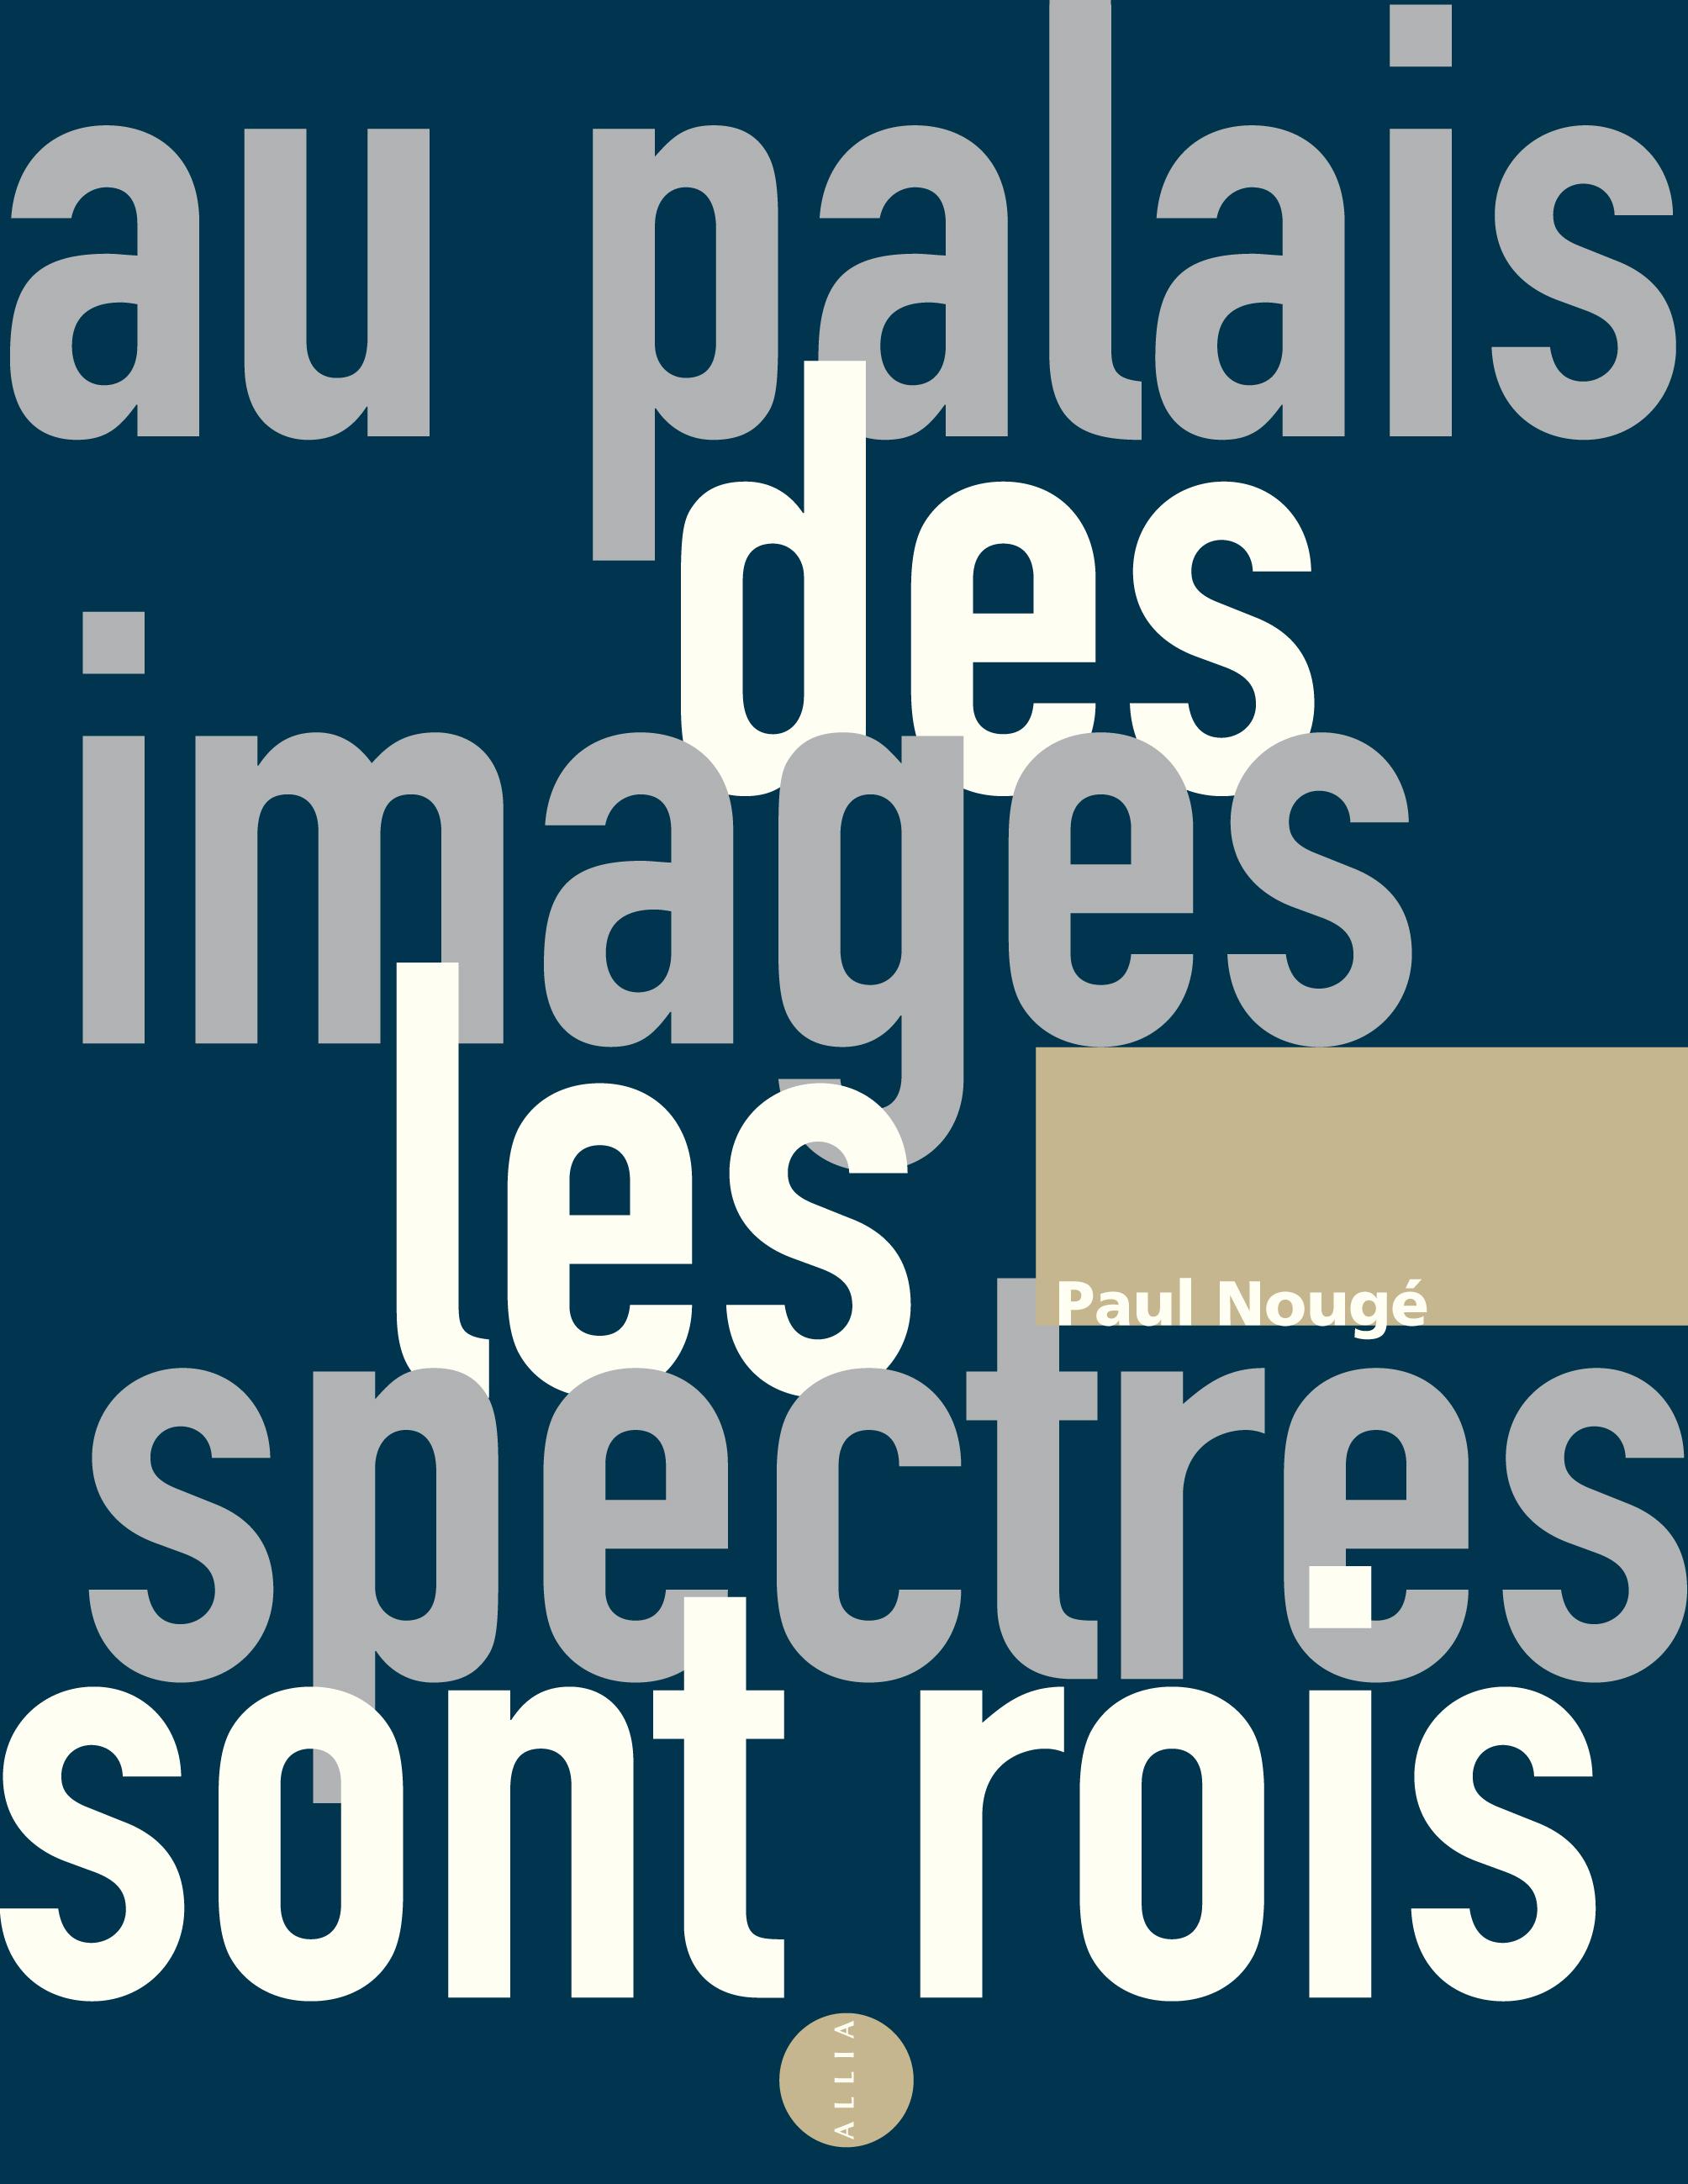 Au palais des images les spectres sont rois